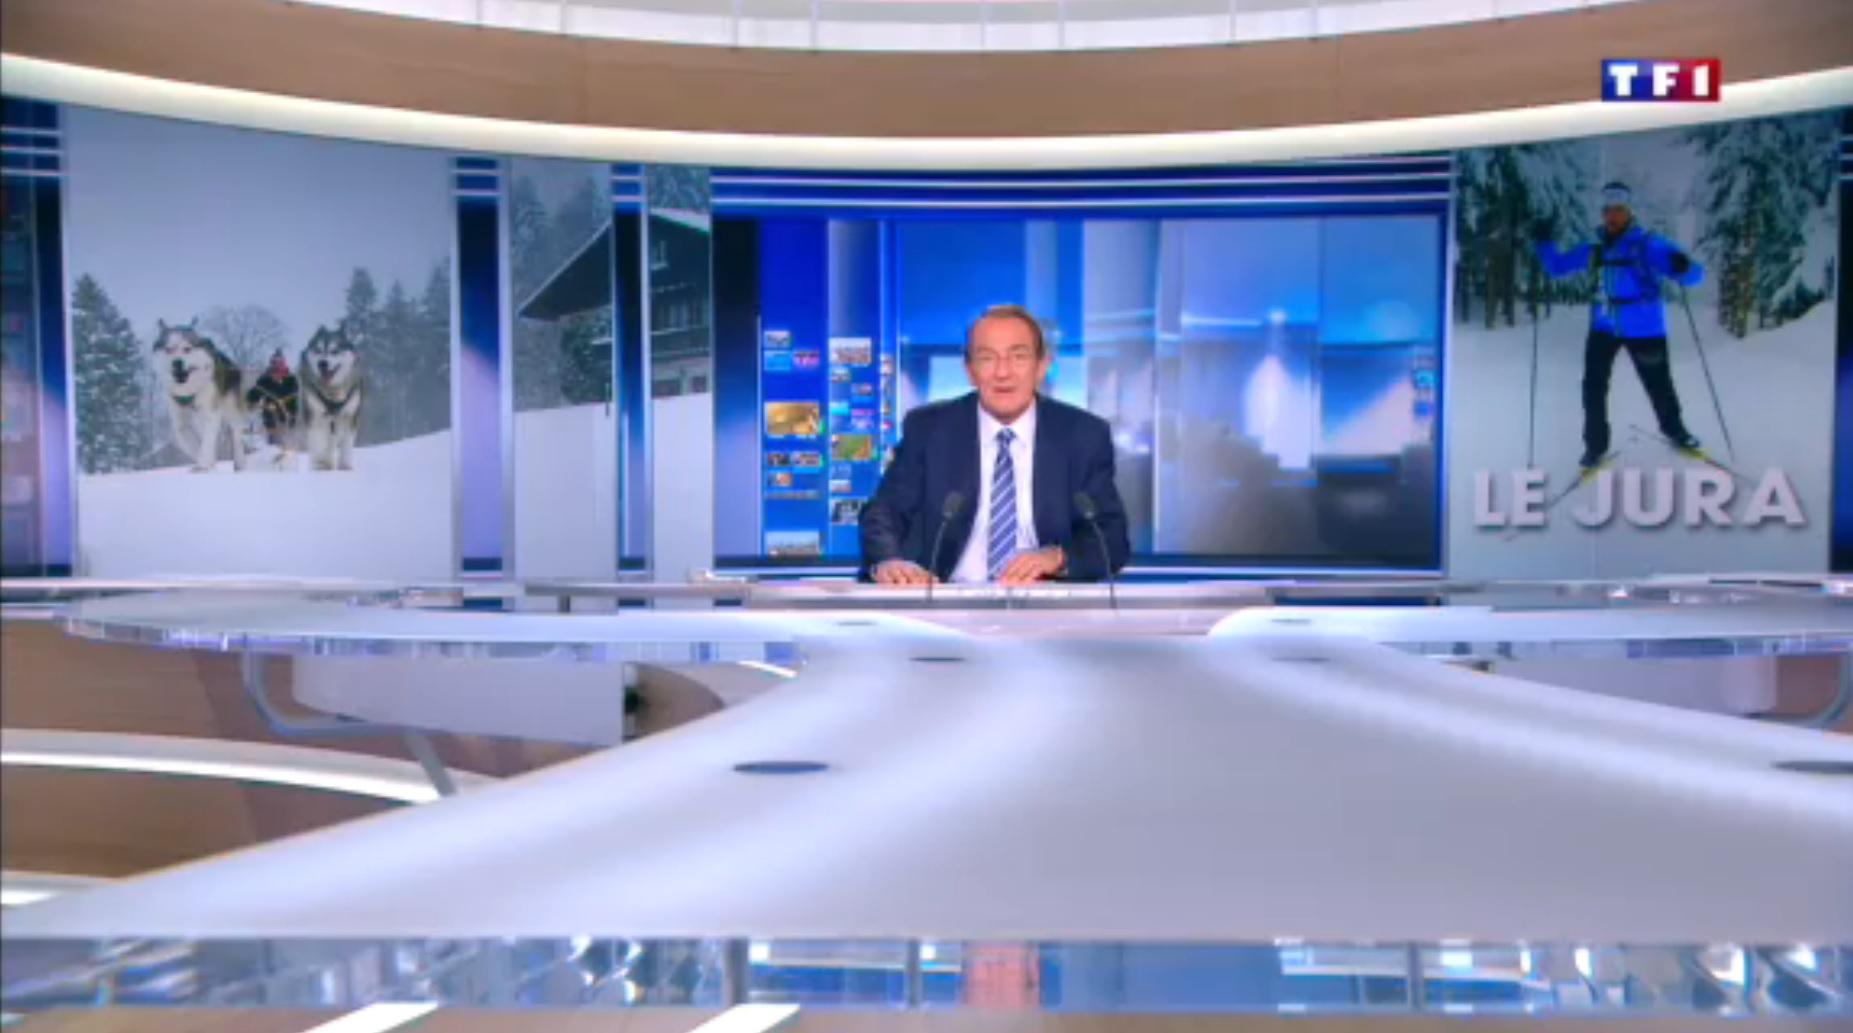 TF1 Jura (3-5) les mordus de ski de fond  1